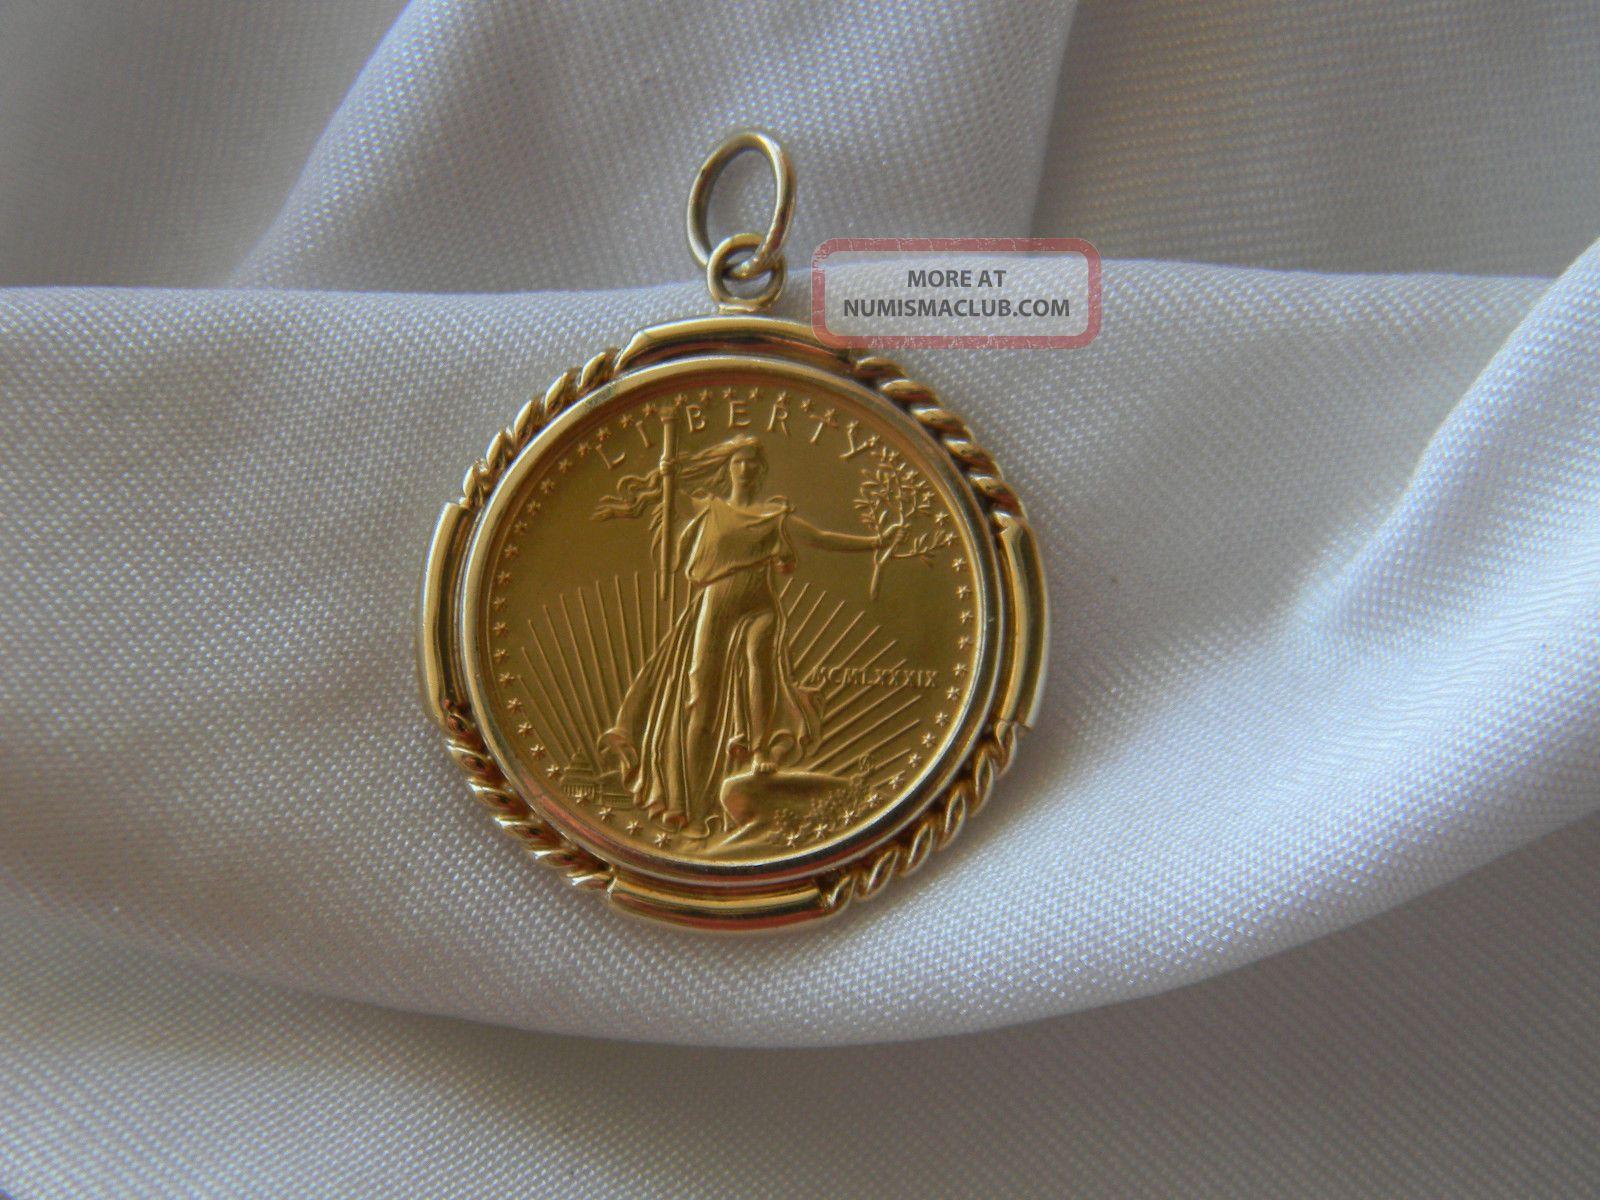 Fine Gold Liberty Walking 1 4 Ounce Eagle 1989 10 00 In 14k Pendant Bezel 12gms